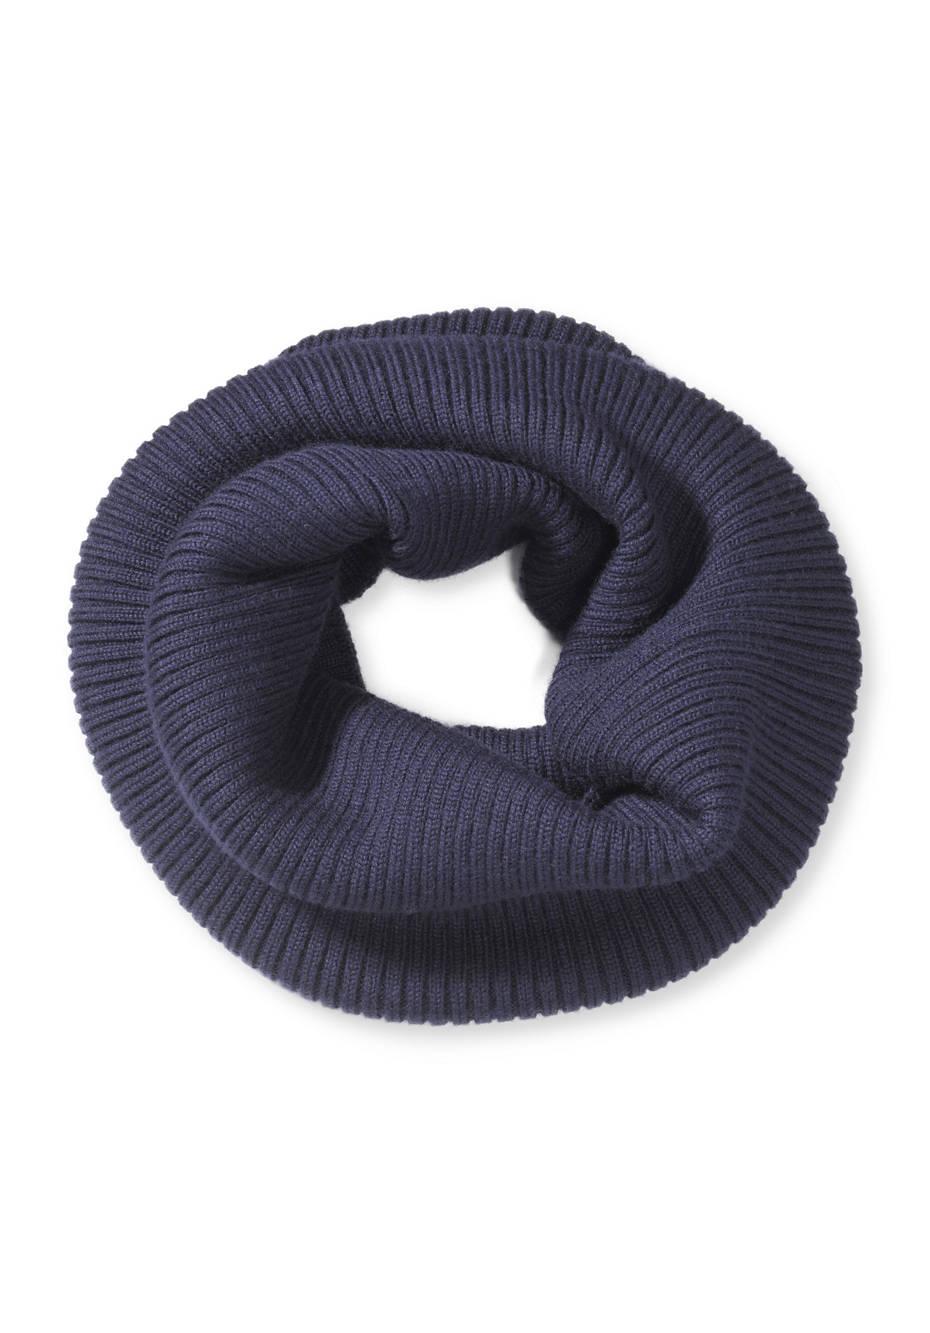 Loop-Schal aus reiner Merinowolle